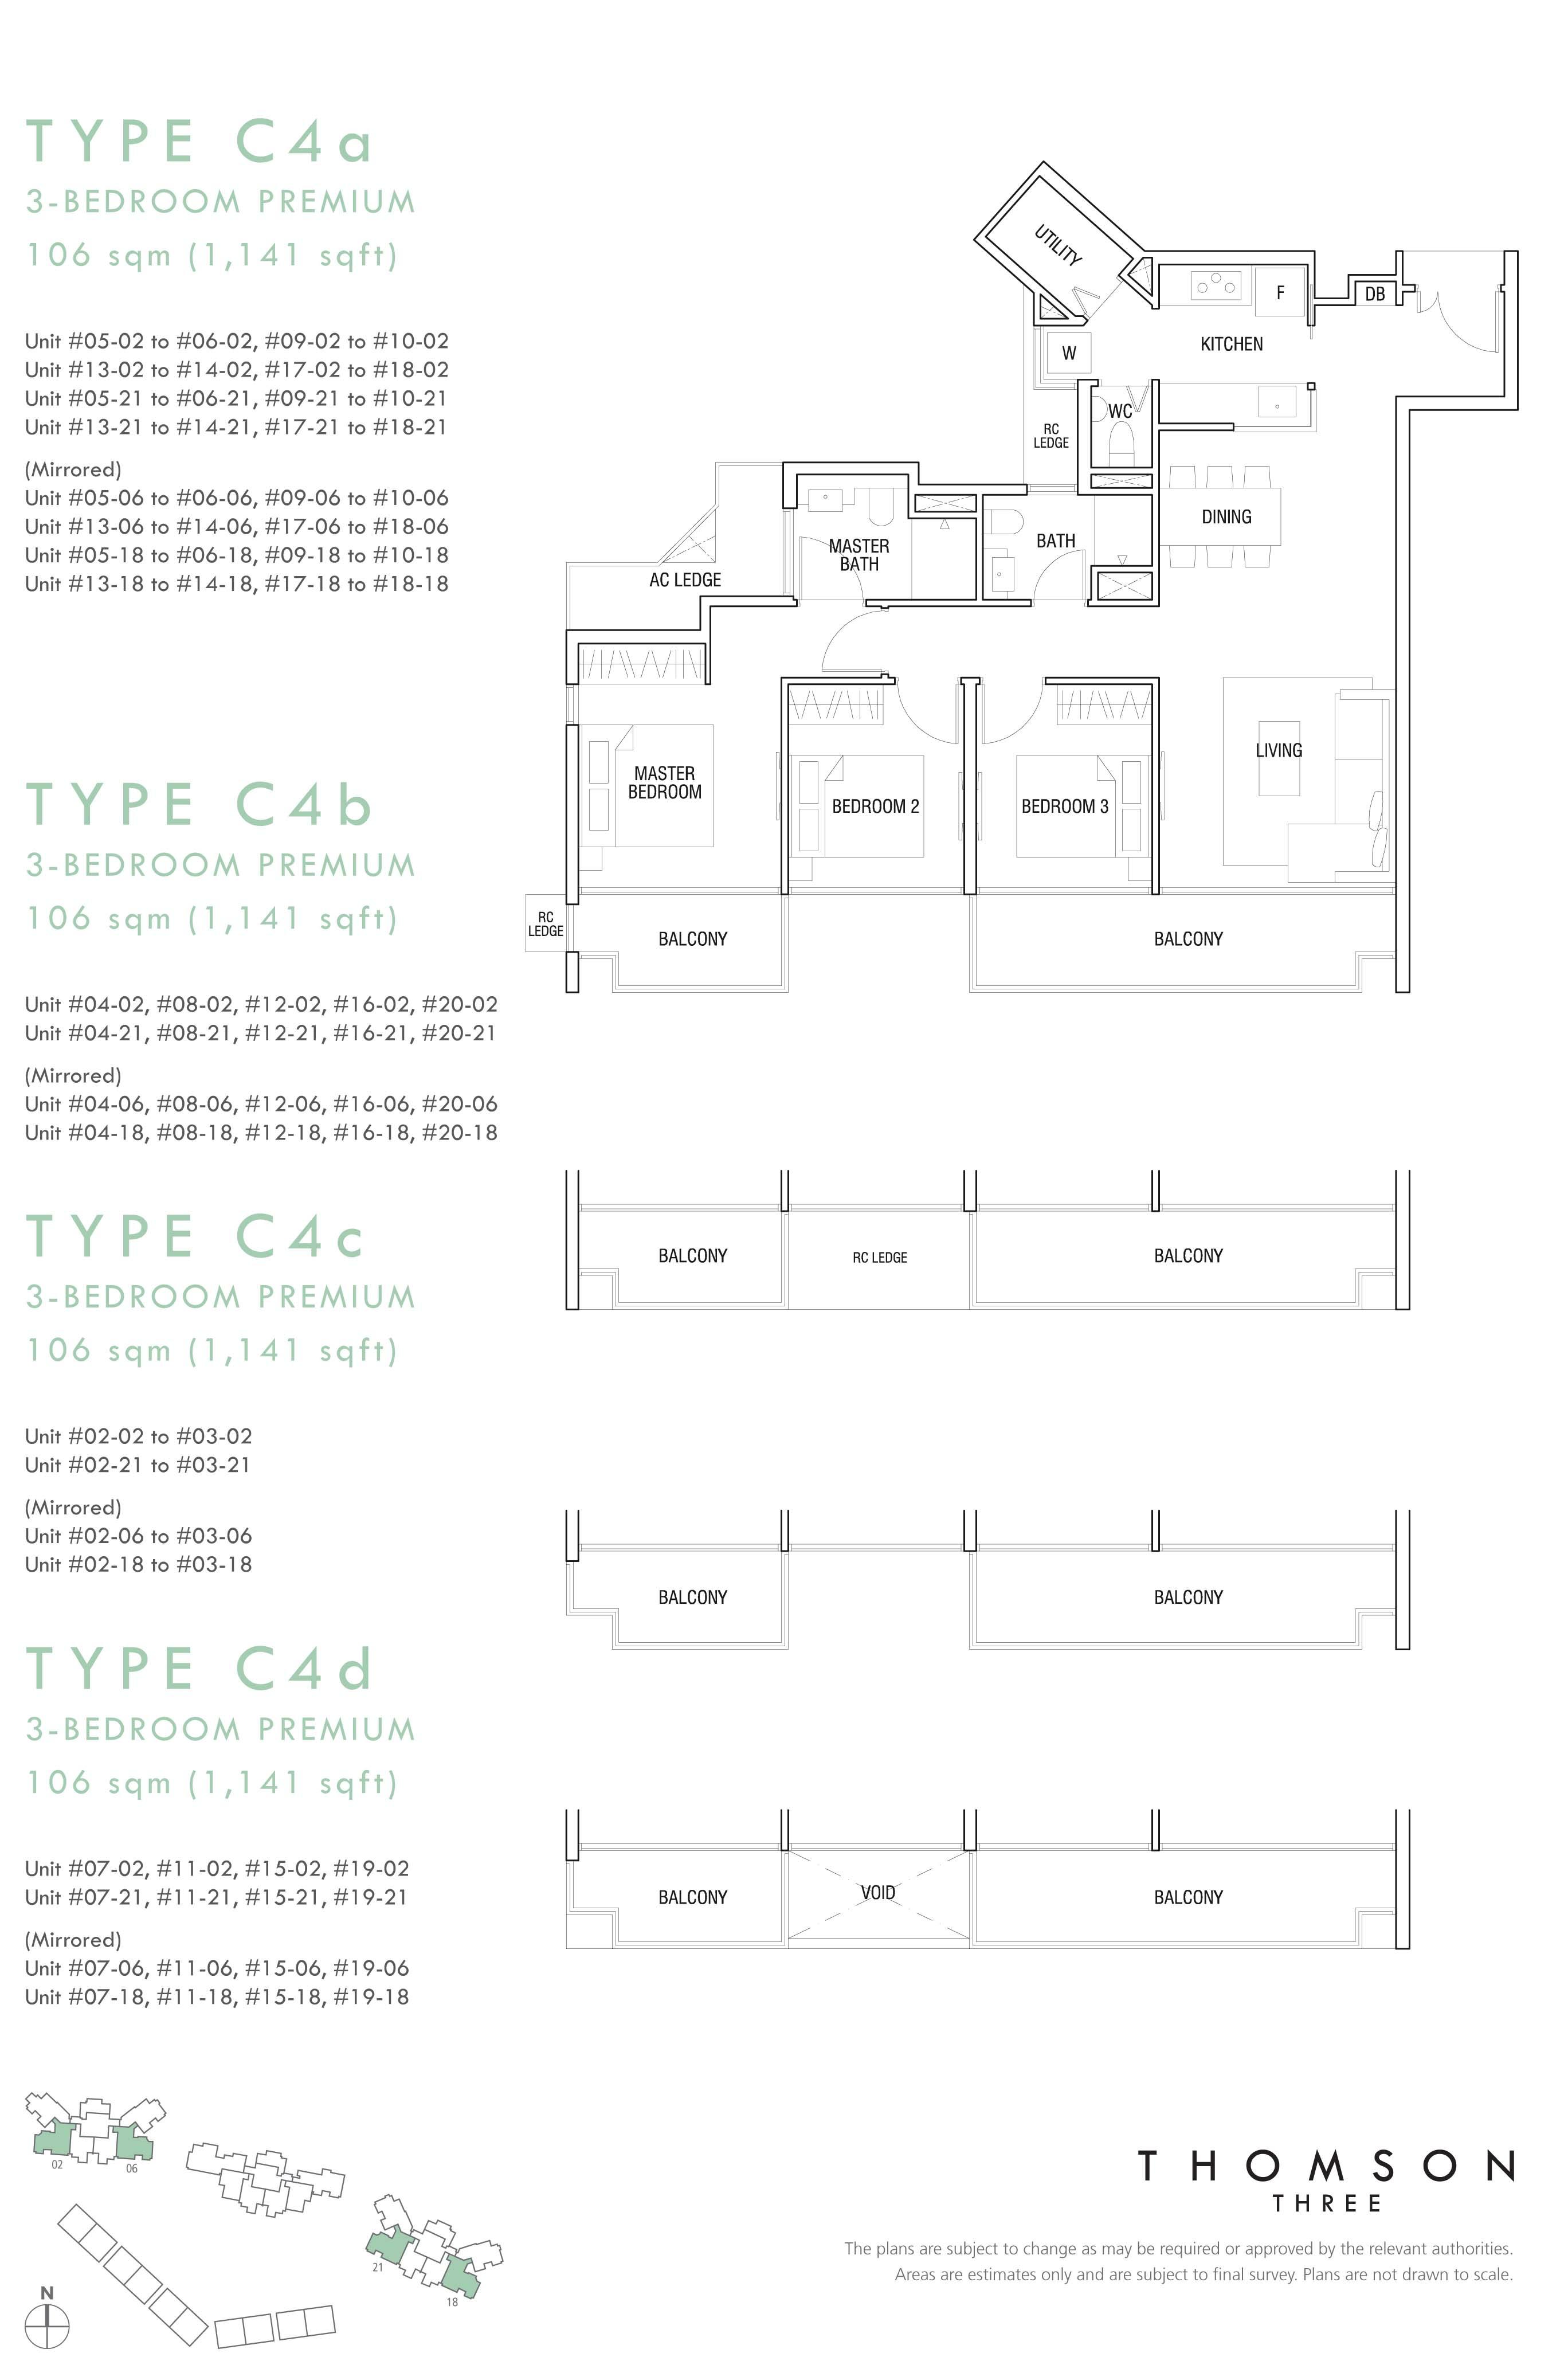 3 Br (Type C4a, C4b, C4c, C4d)